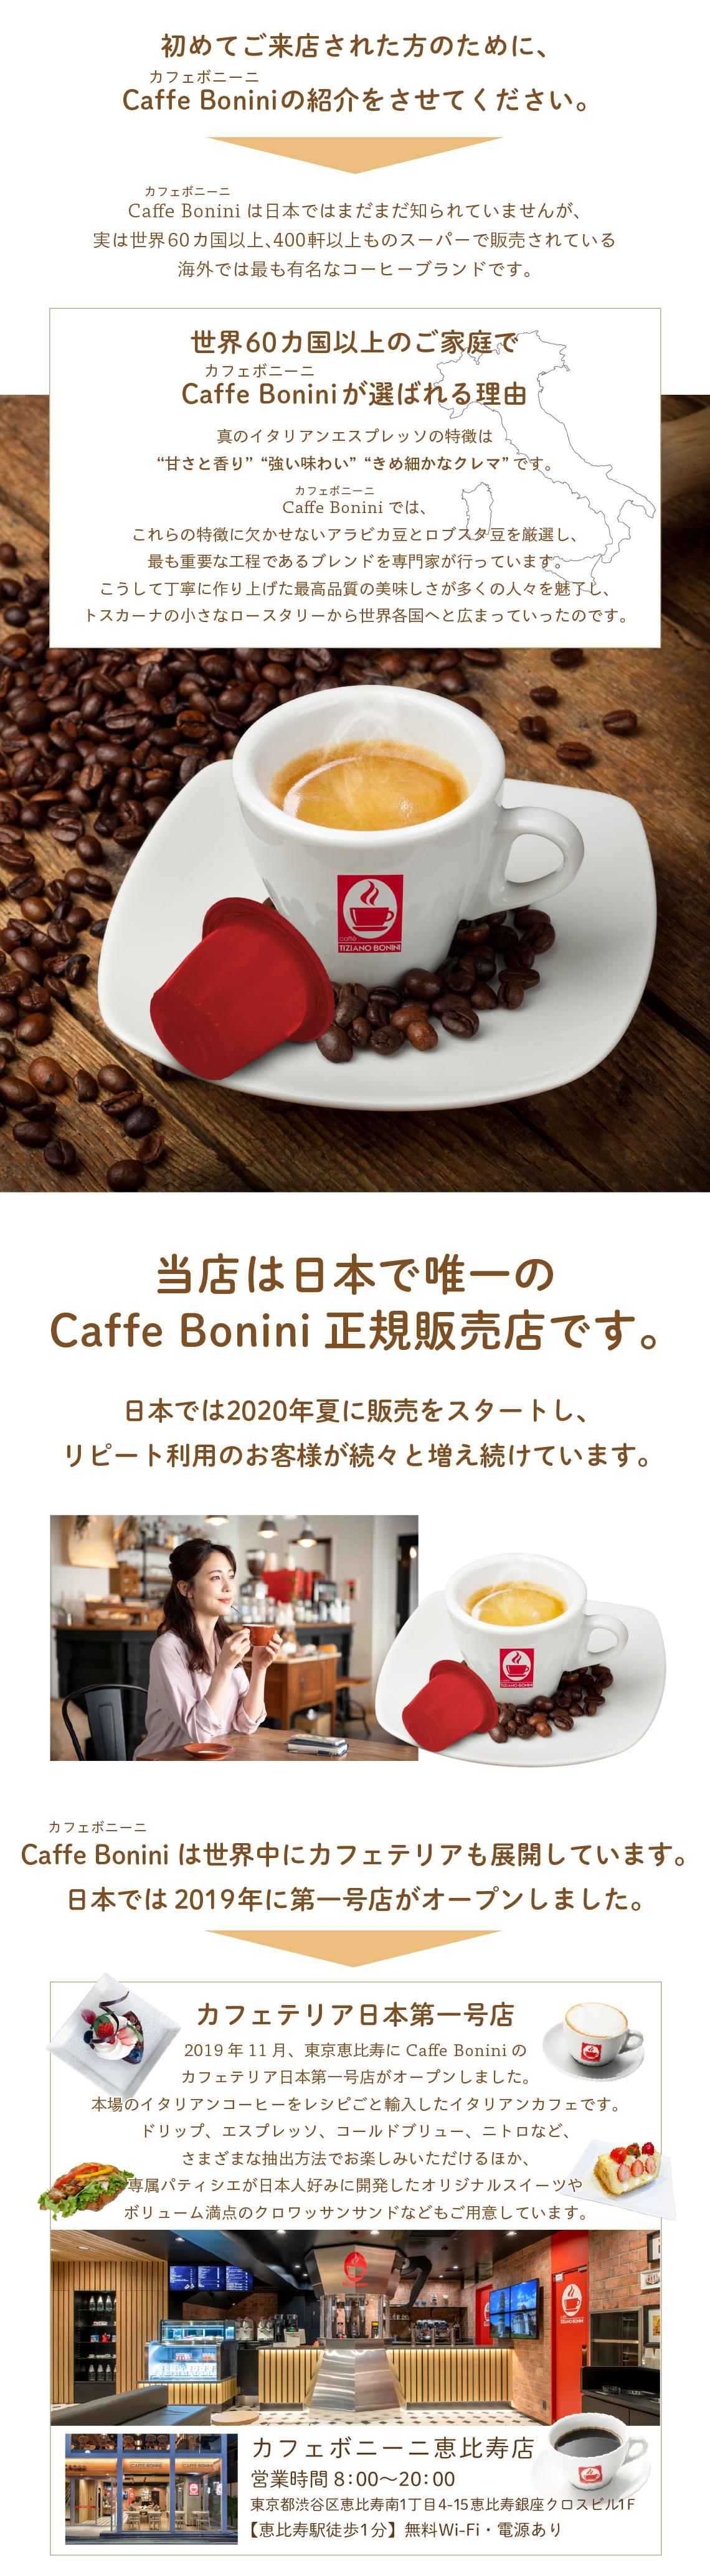 カフェボニーニは世界60カ国以上で愛されるコーヒーブランドです